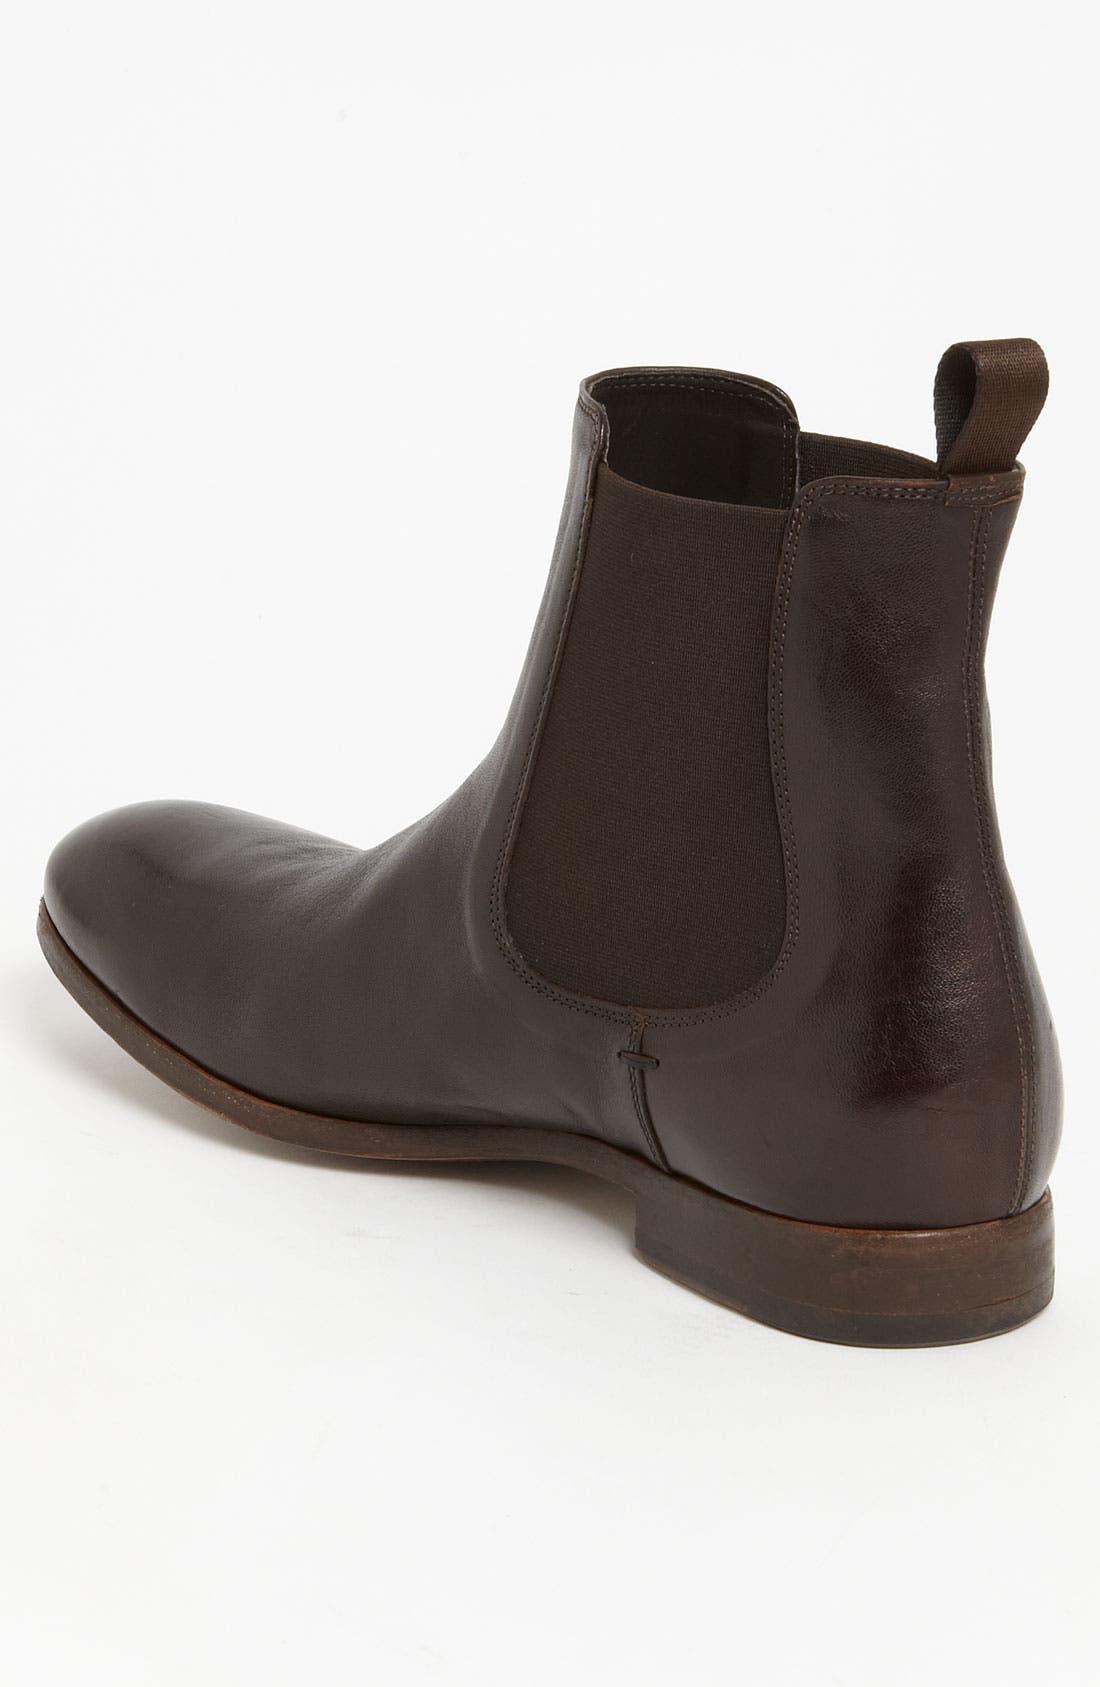 Alternate Image 2  - Paul Smith 'Otter' Chelsea Boot